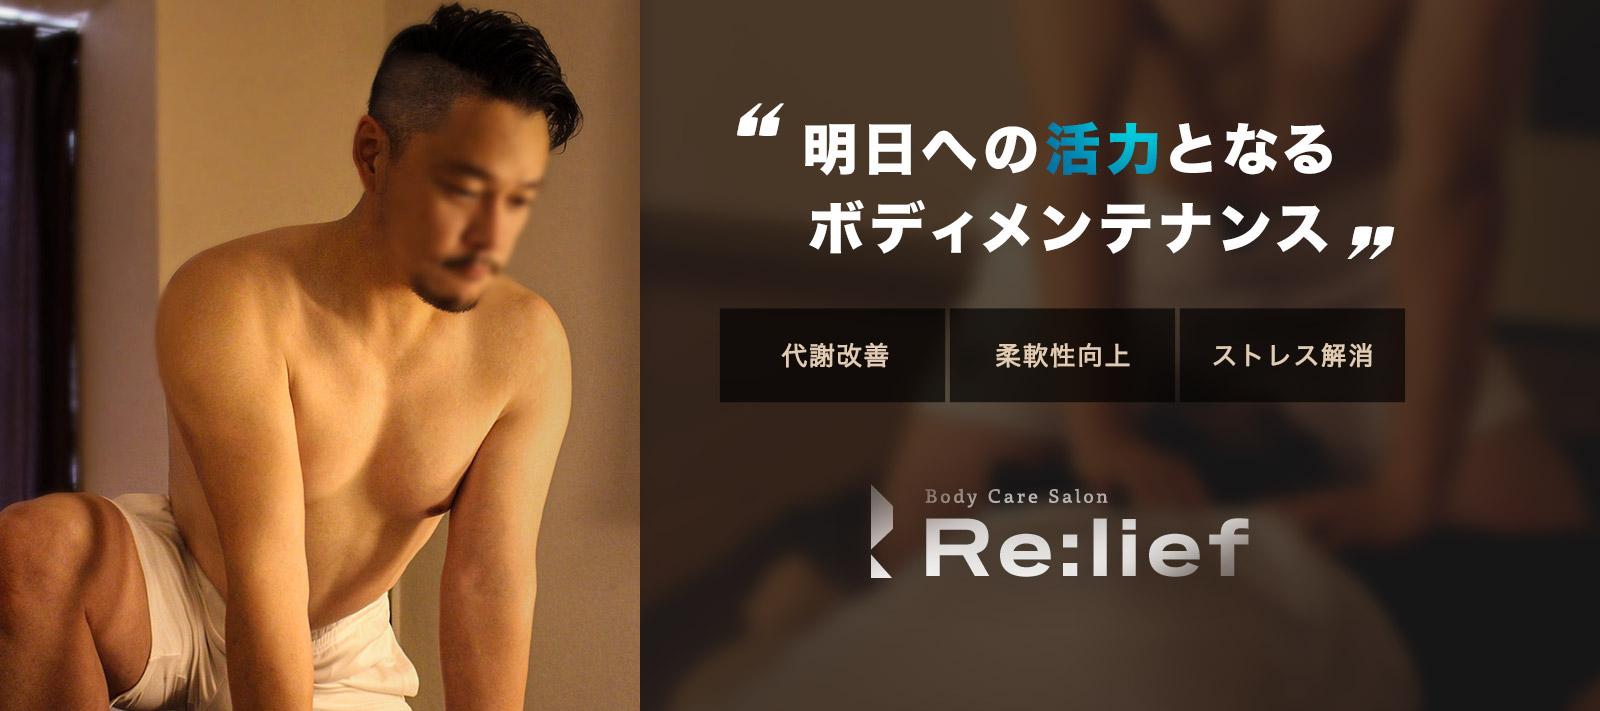 東京ゲイマッサージ専門店Reliefはこちら